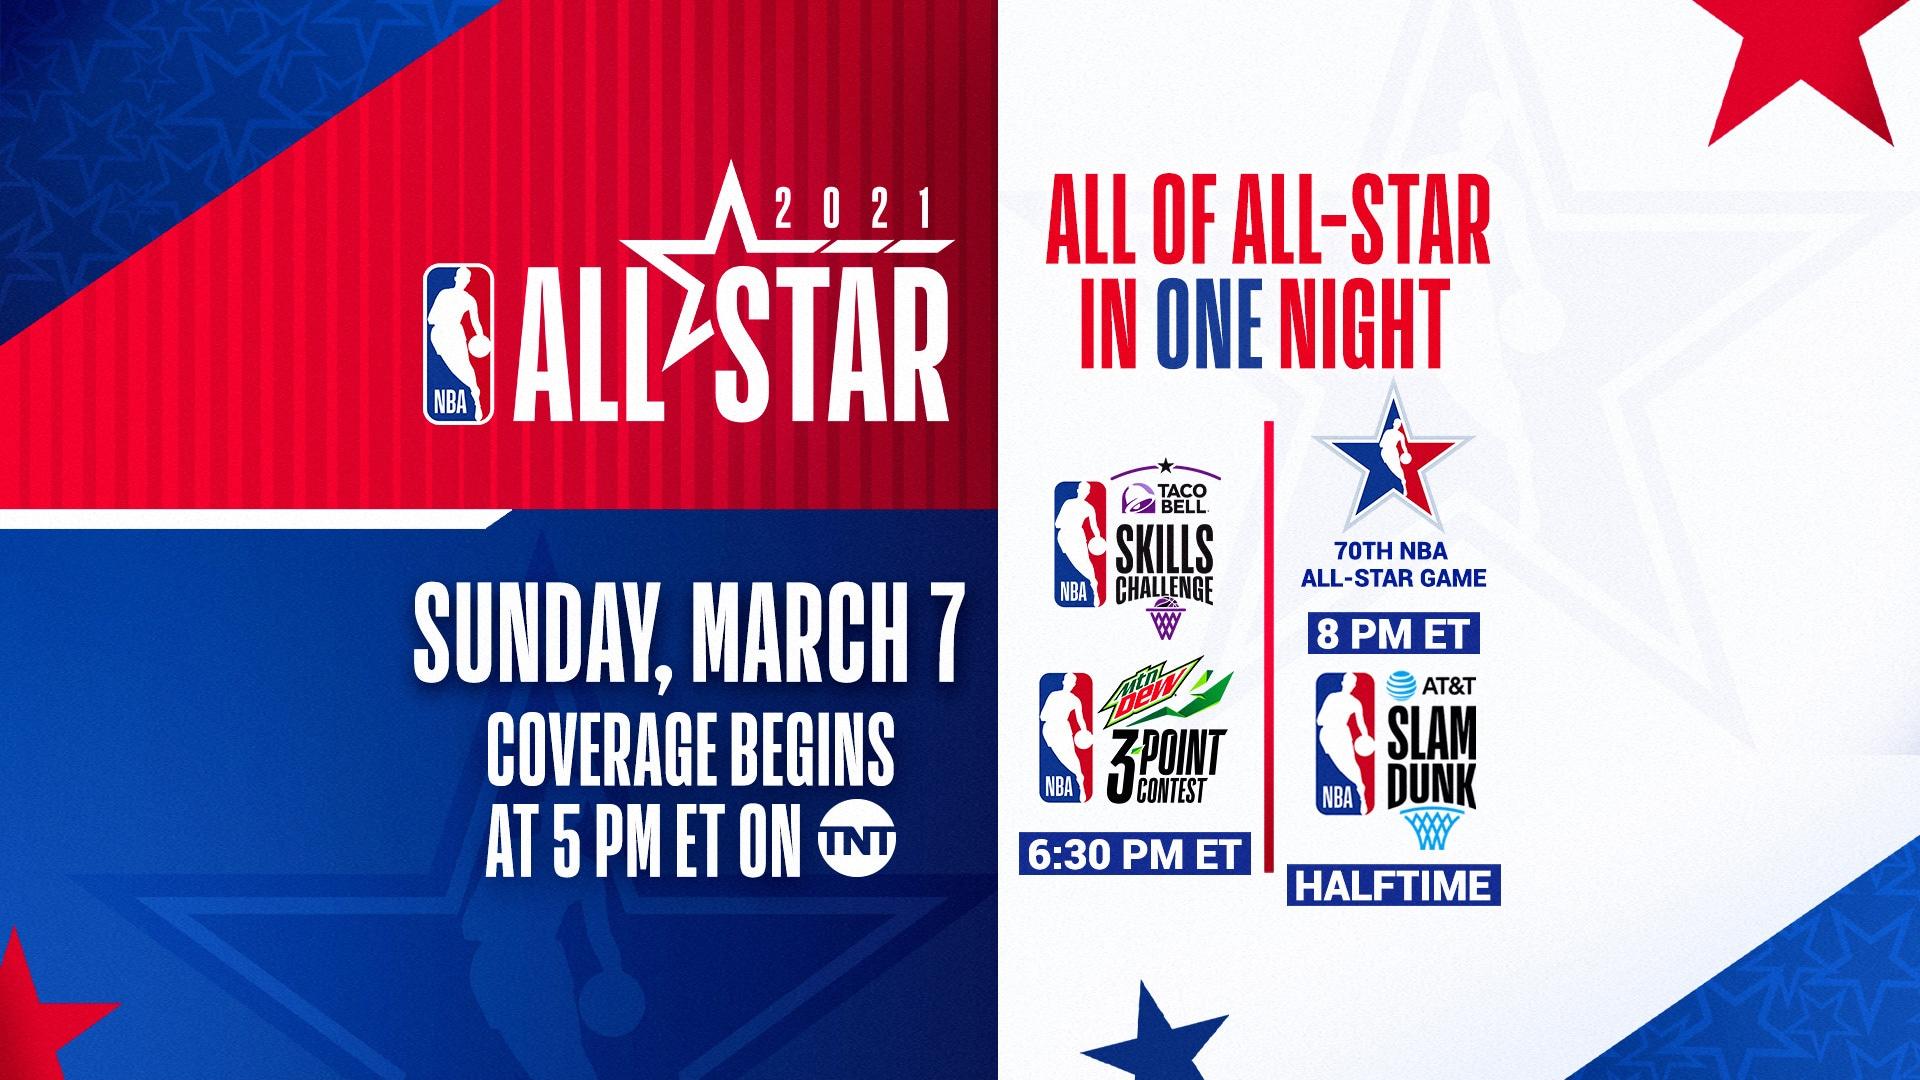 NBA – L'All-Star Game si fa! Ecco il format e le date